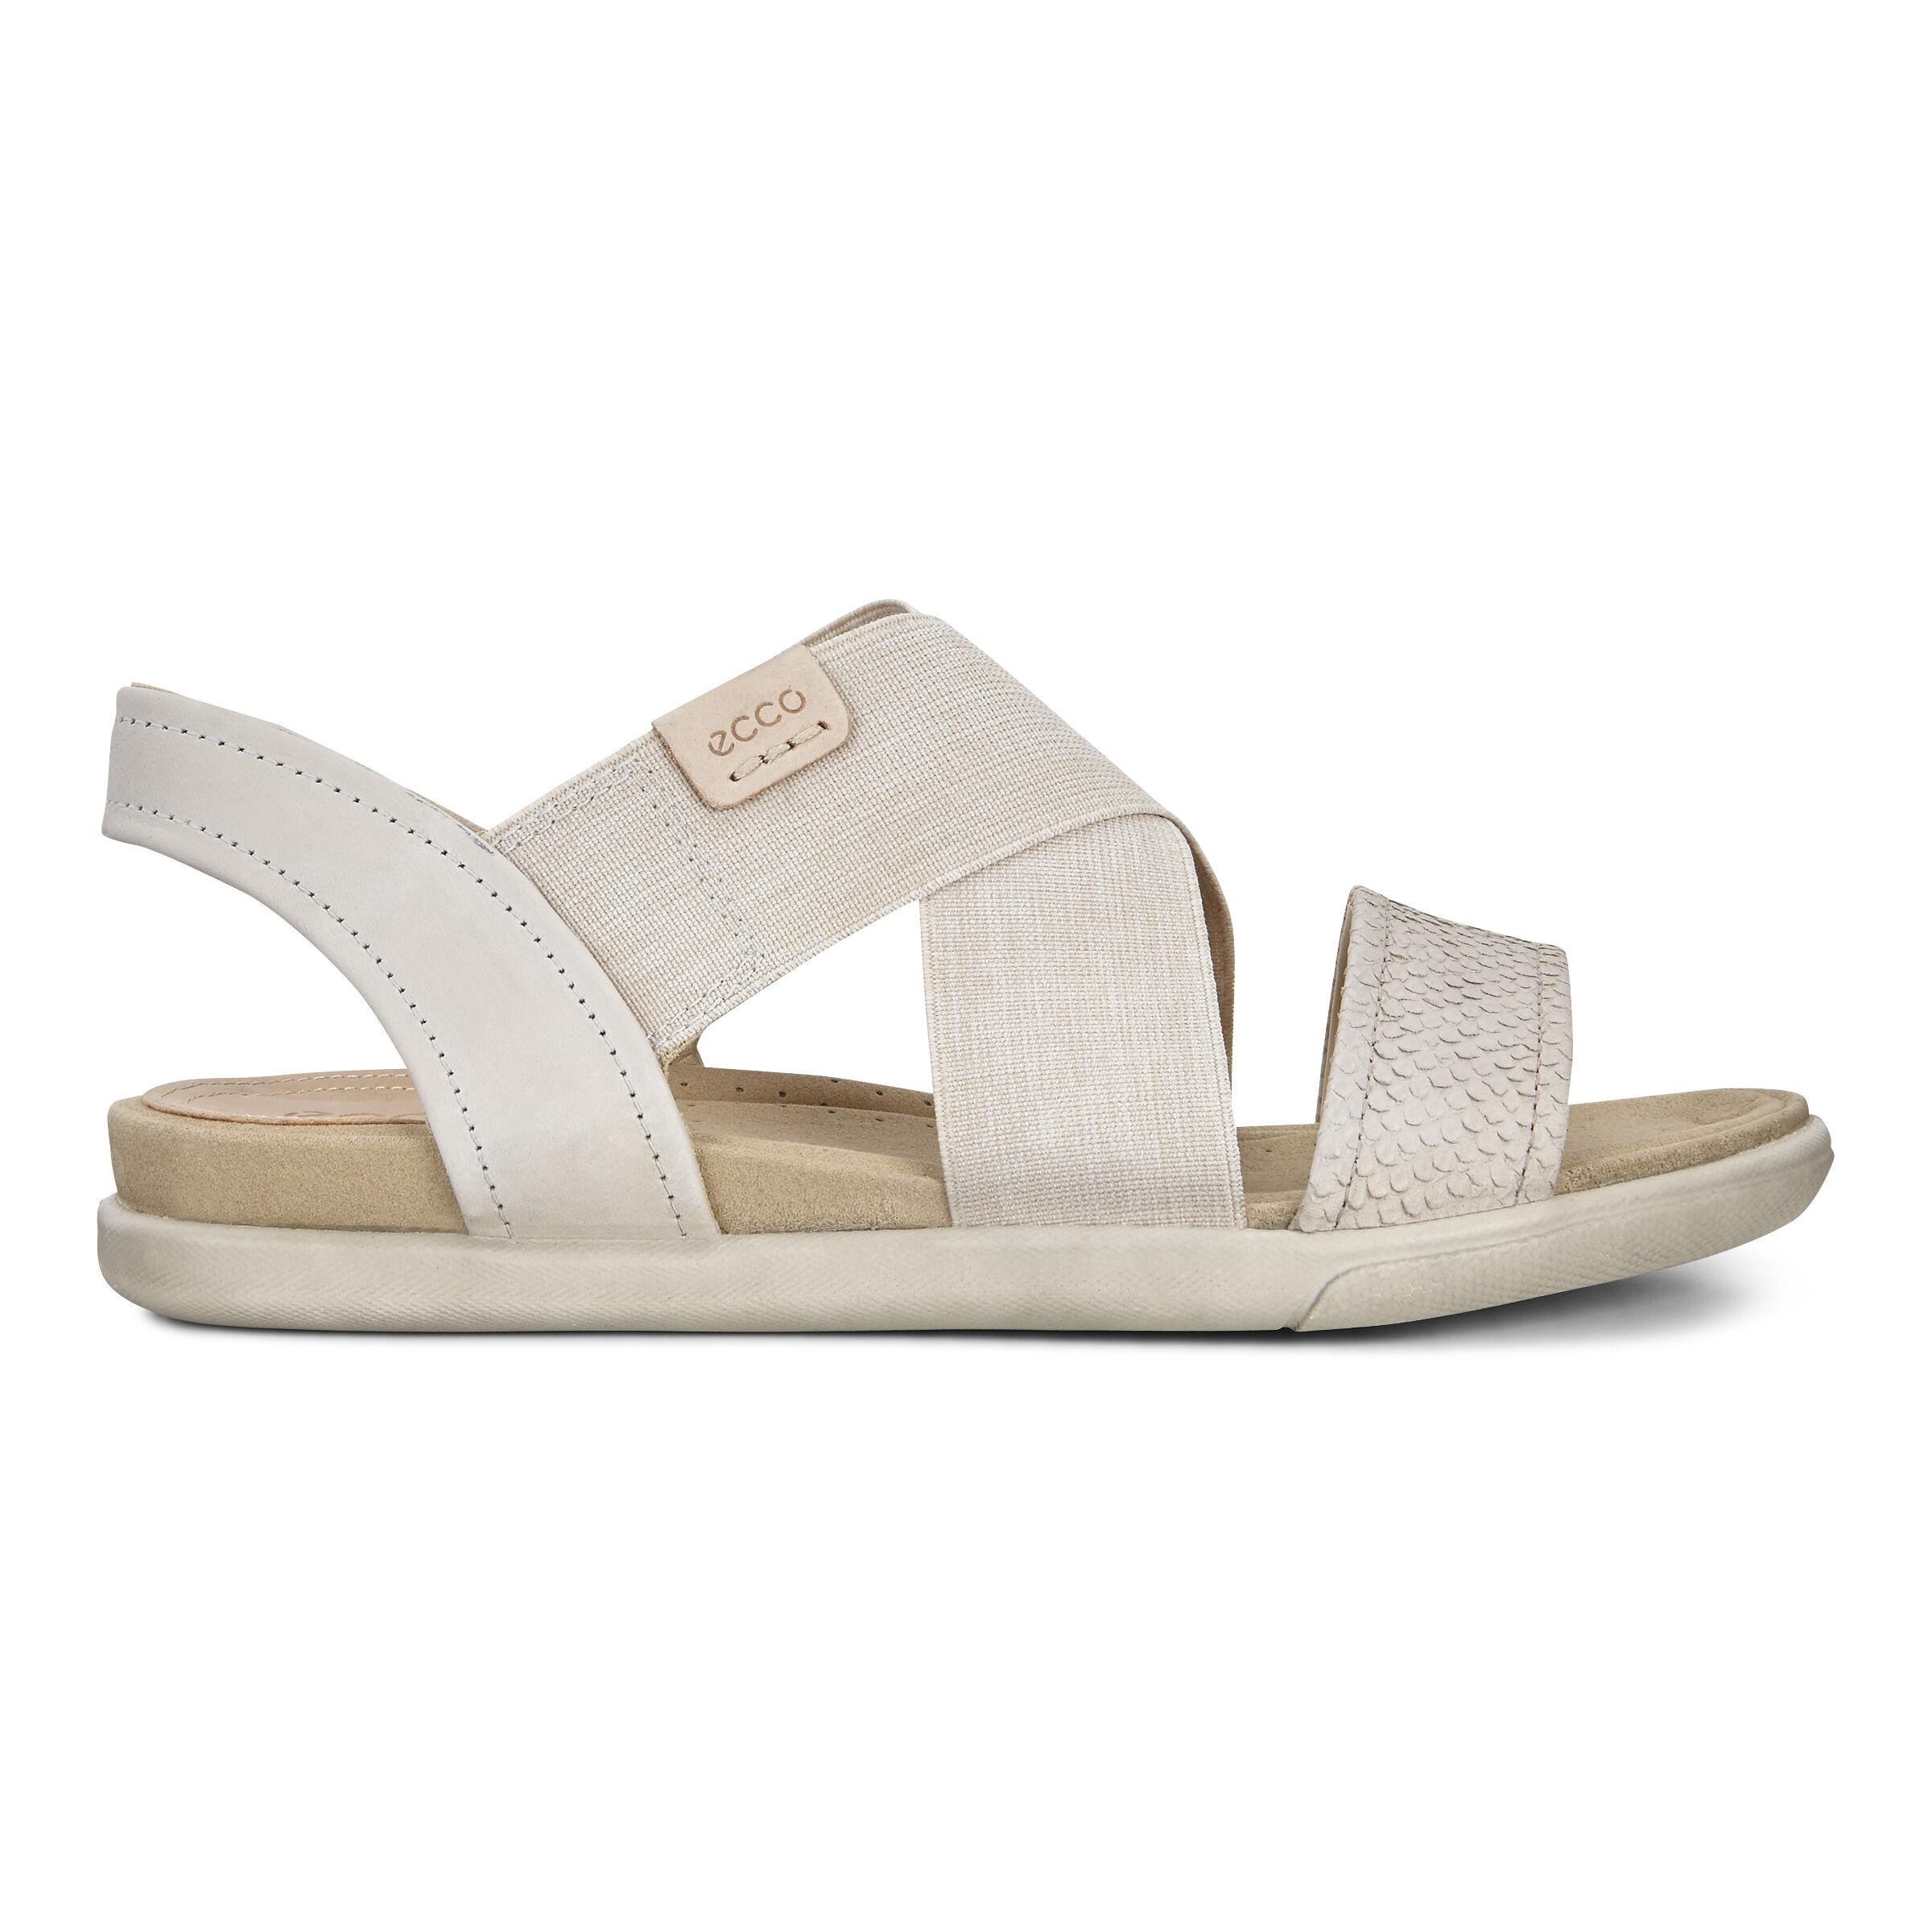 Damara 2 Strap Sandal | Women's Casual